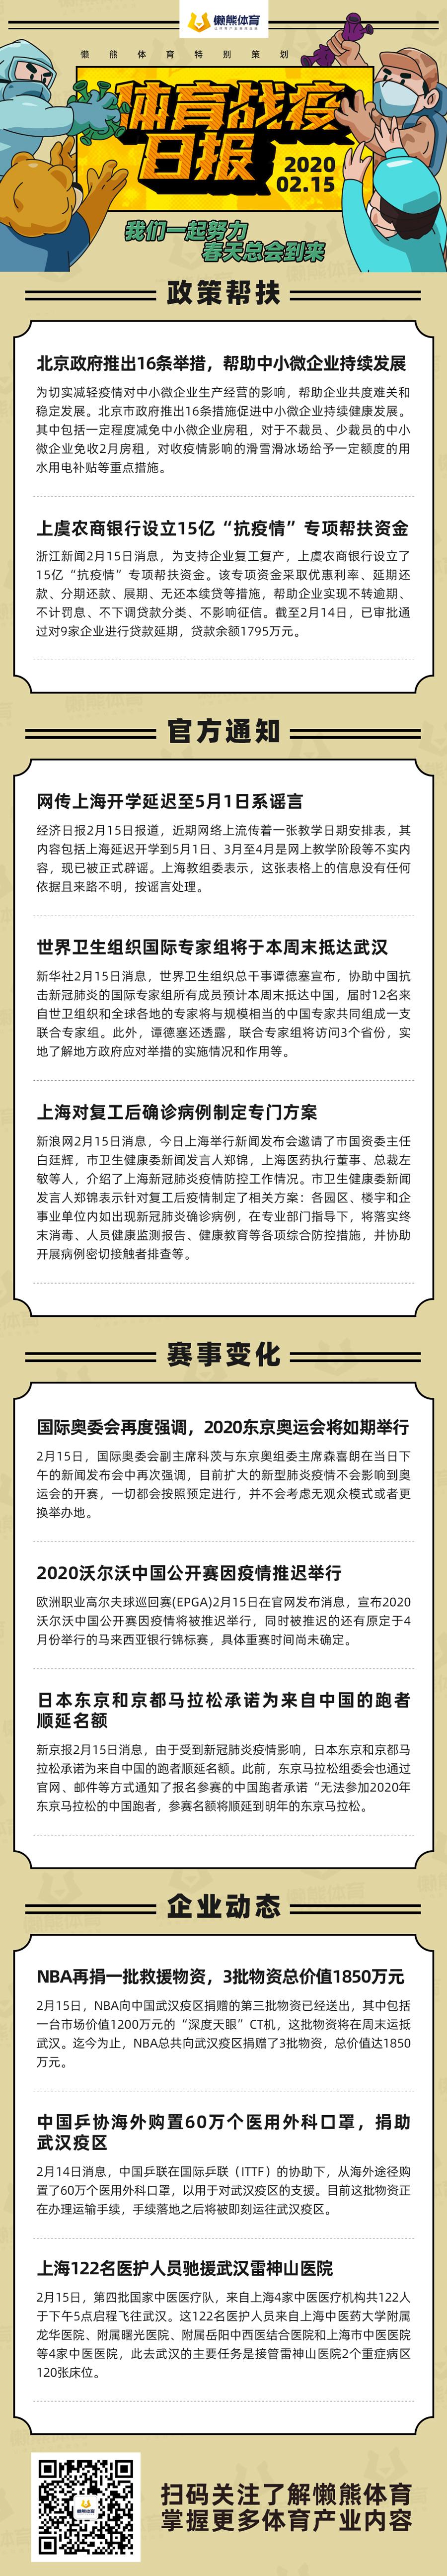 世界卫生组织国际专家本周末抵达武汉,上海122名医护人员驰援雷神山医院 | 体育战疫日报0215